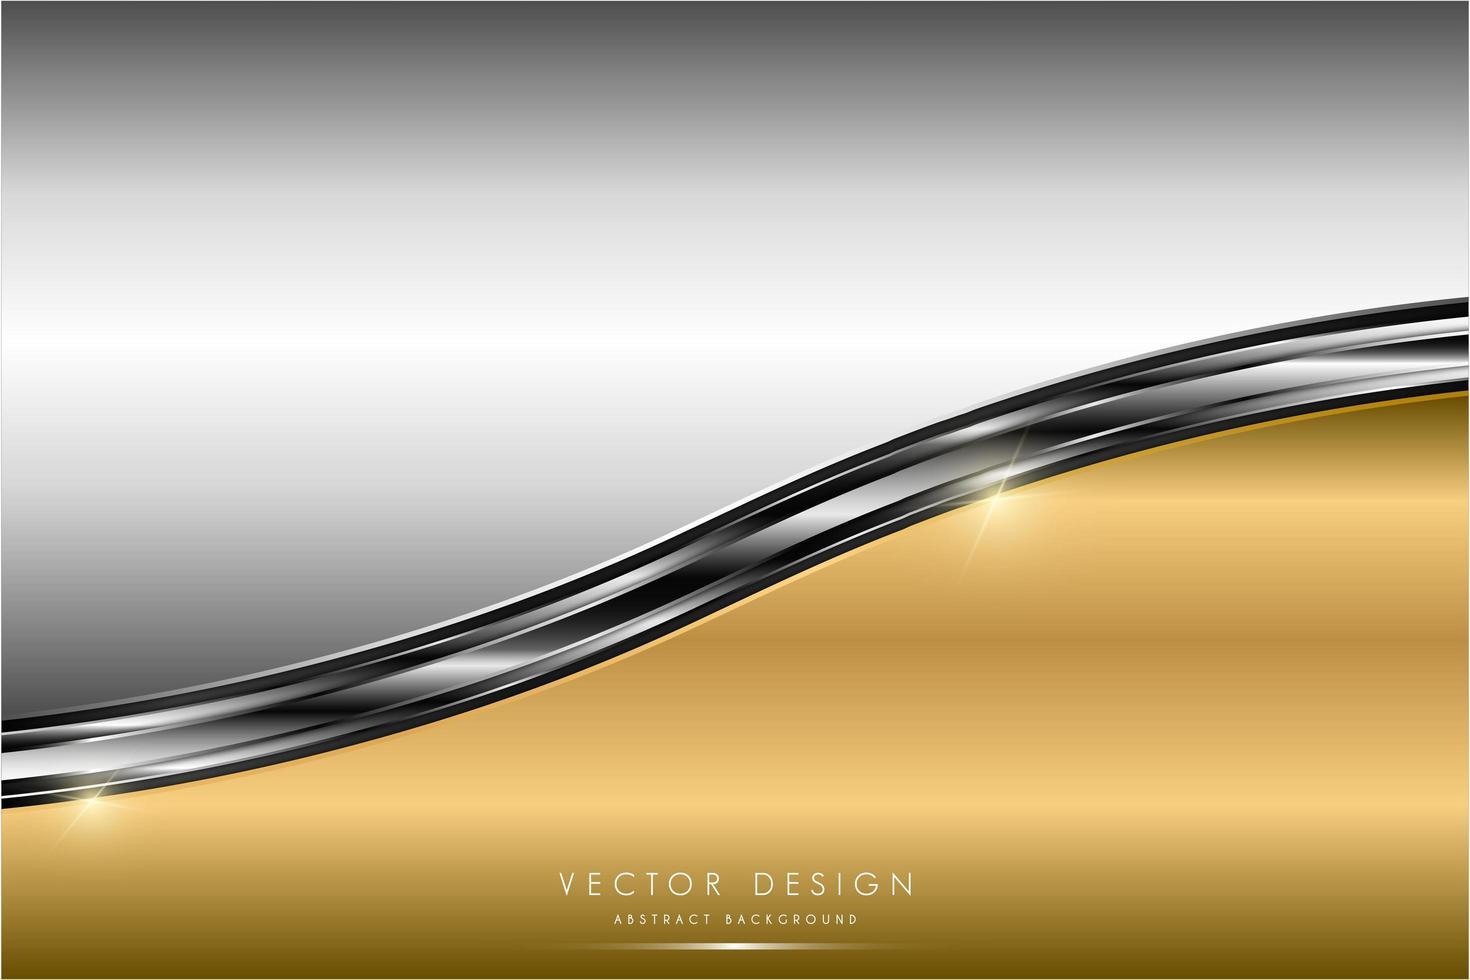 metallic goud en zilver glanzende gebogen panelen vector